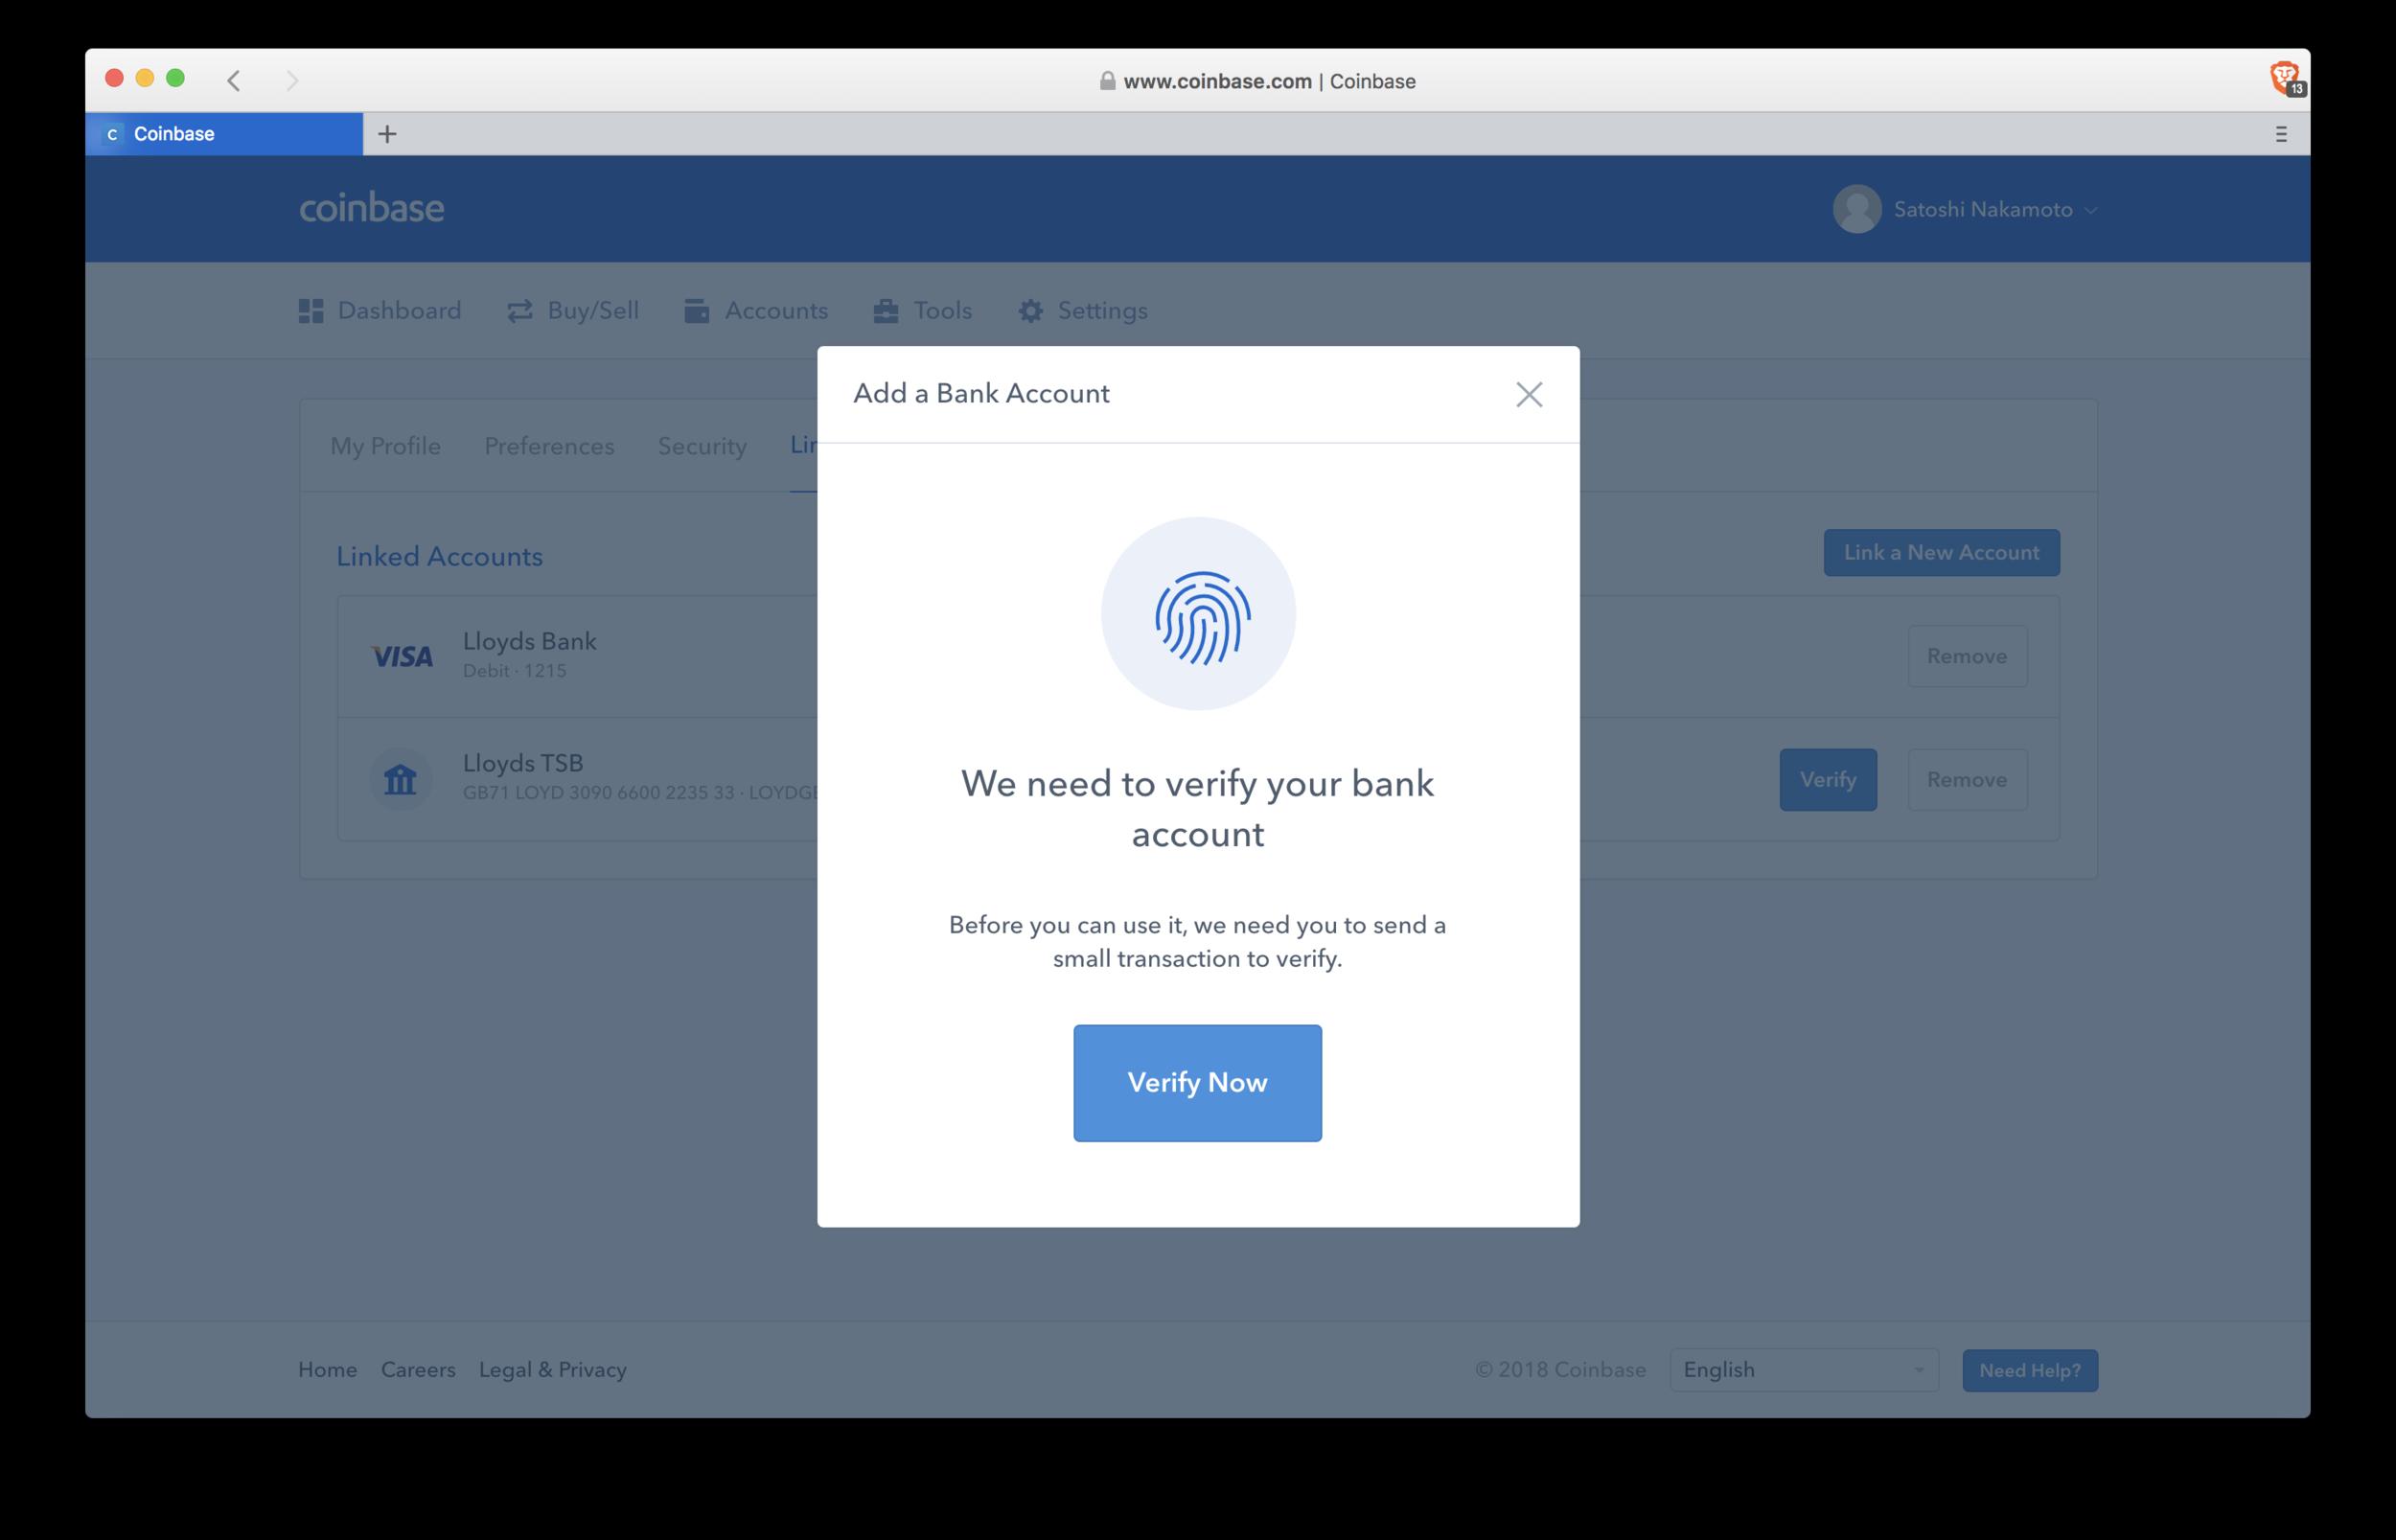 Coinbase: verify bank account